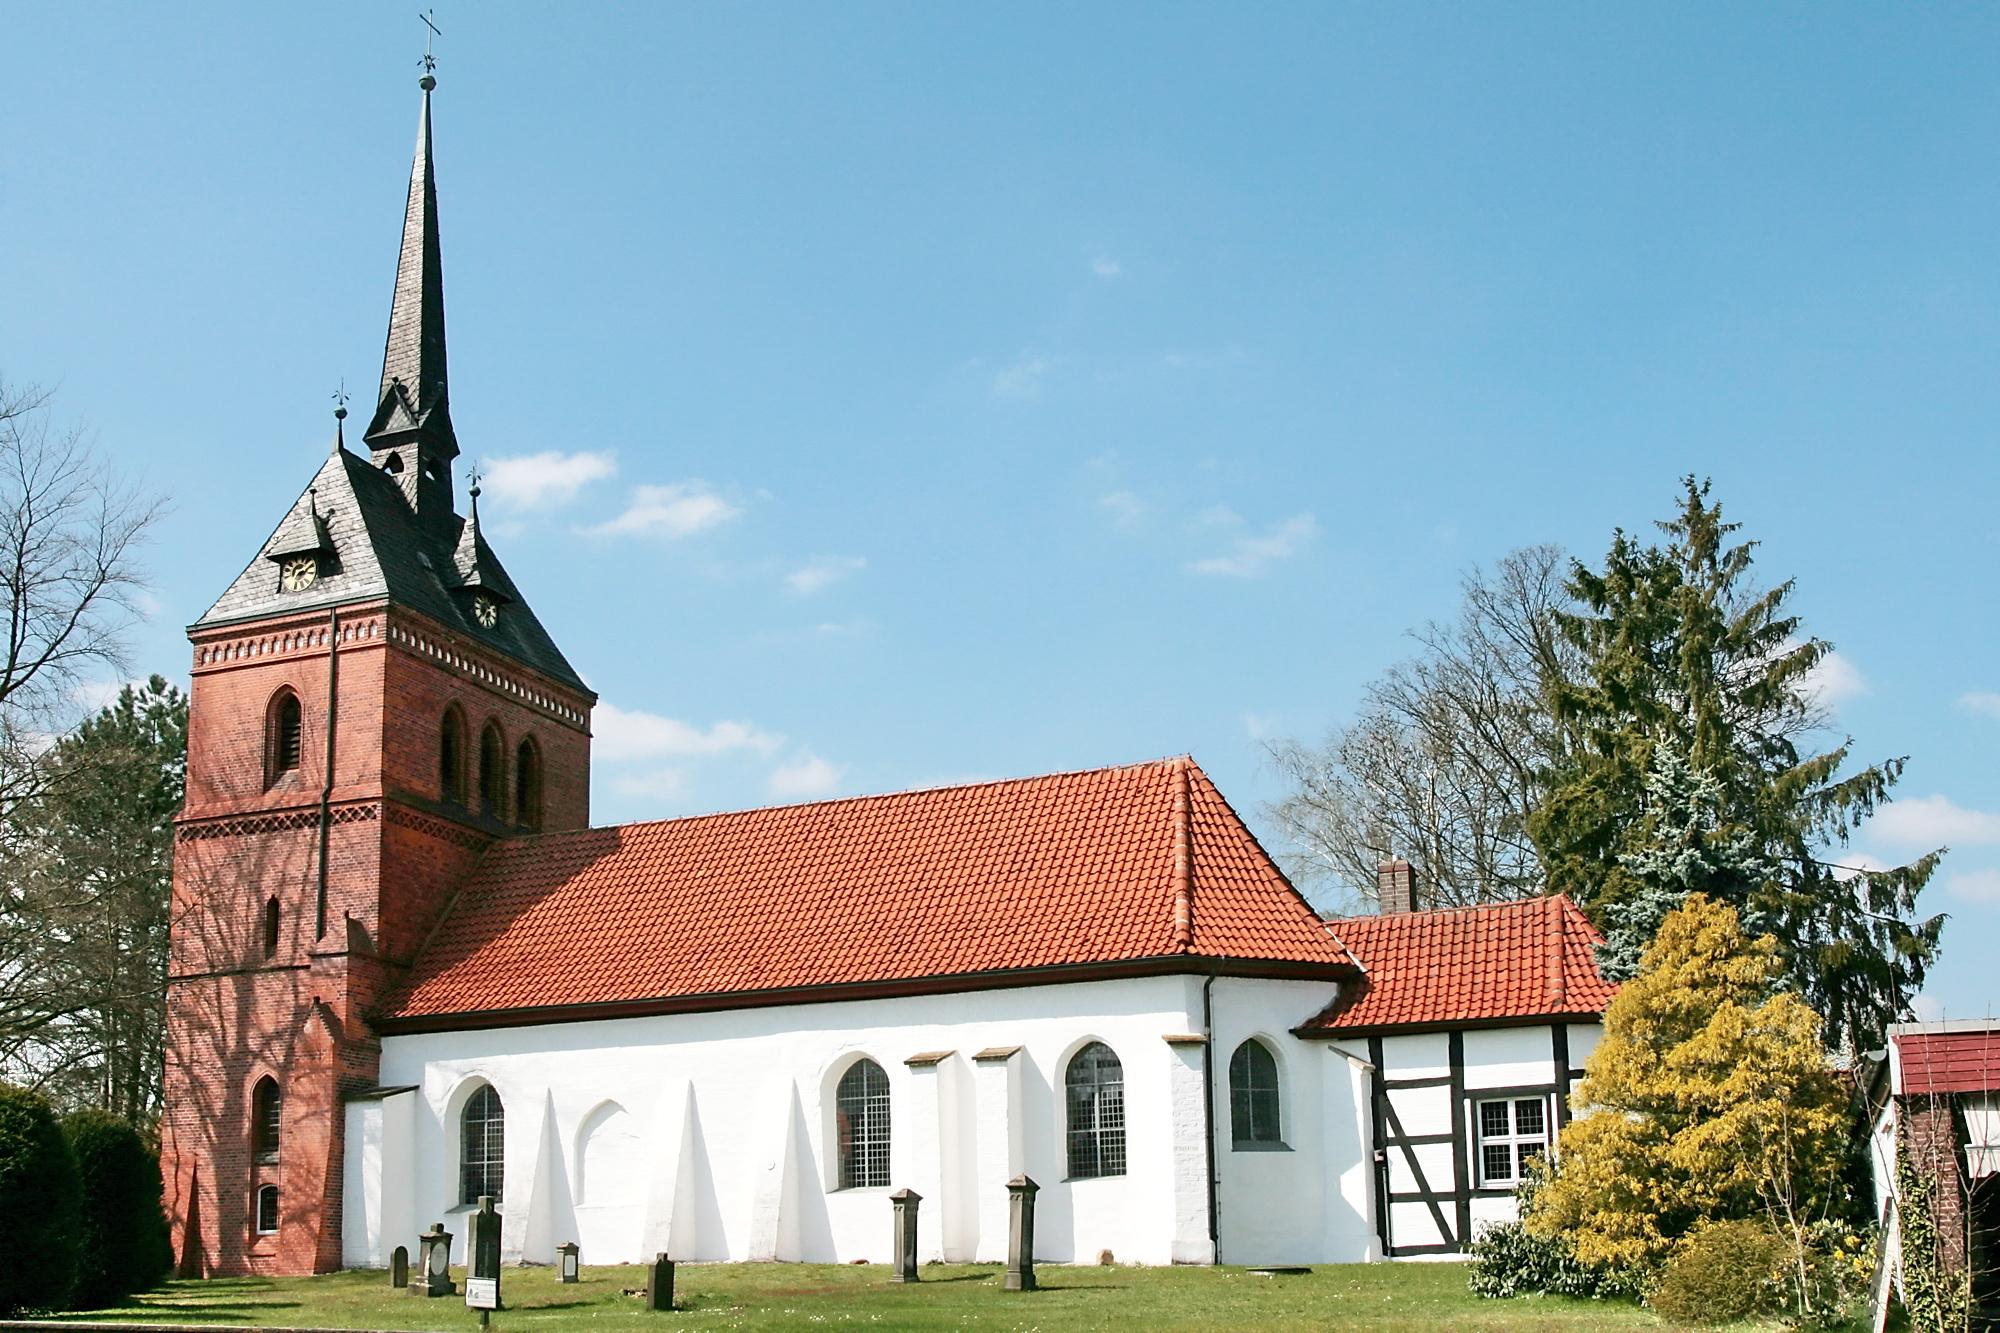 Bild von Wedemark: St. Georgskirche in Mellendorf